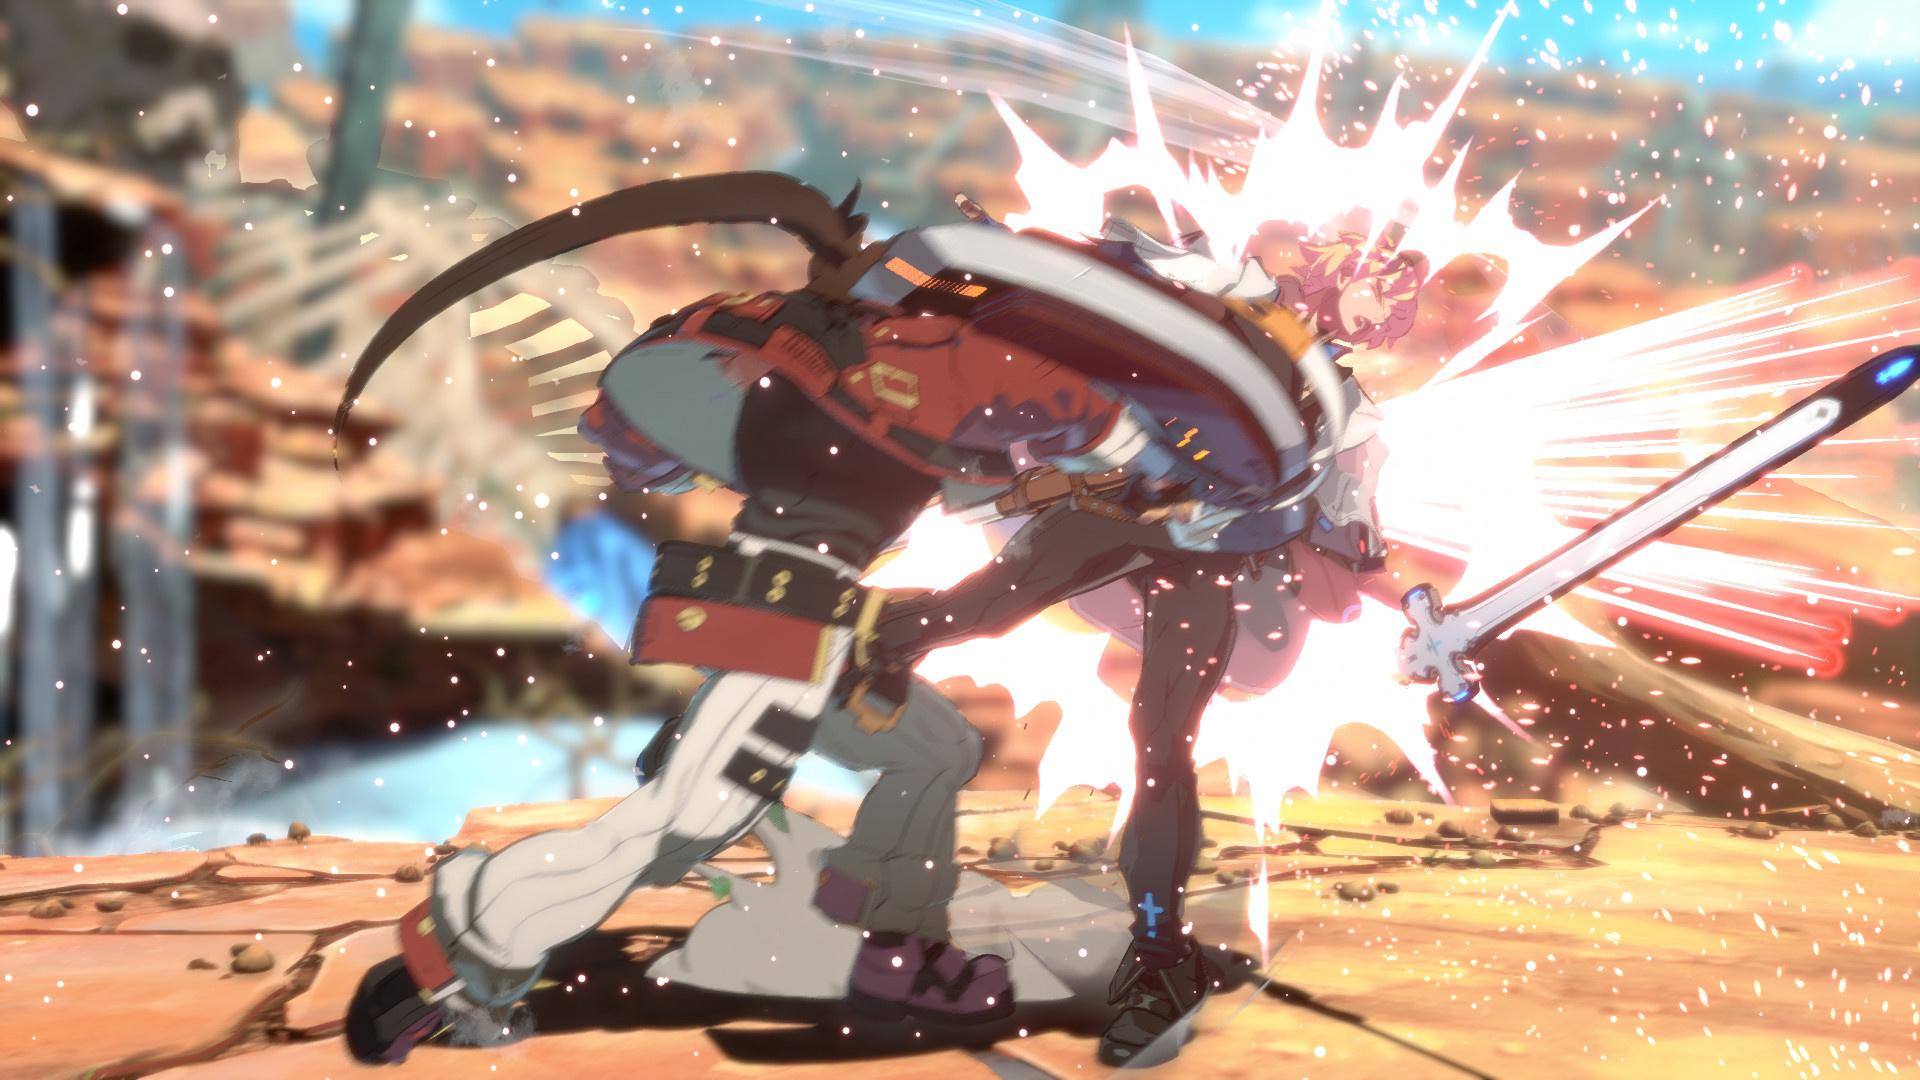 Создатели Guilty Gear: Strive опубликовали сюжетный трейлер файтинга